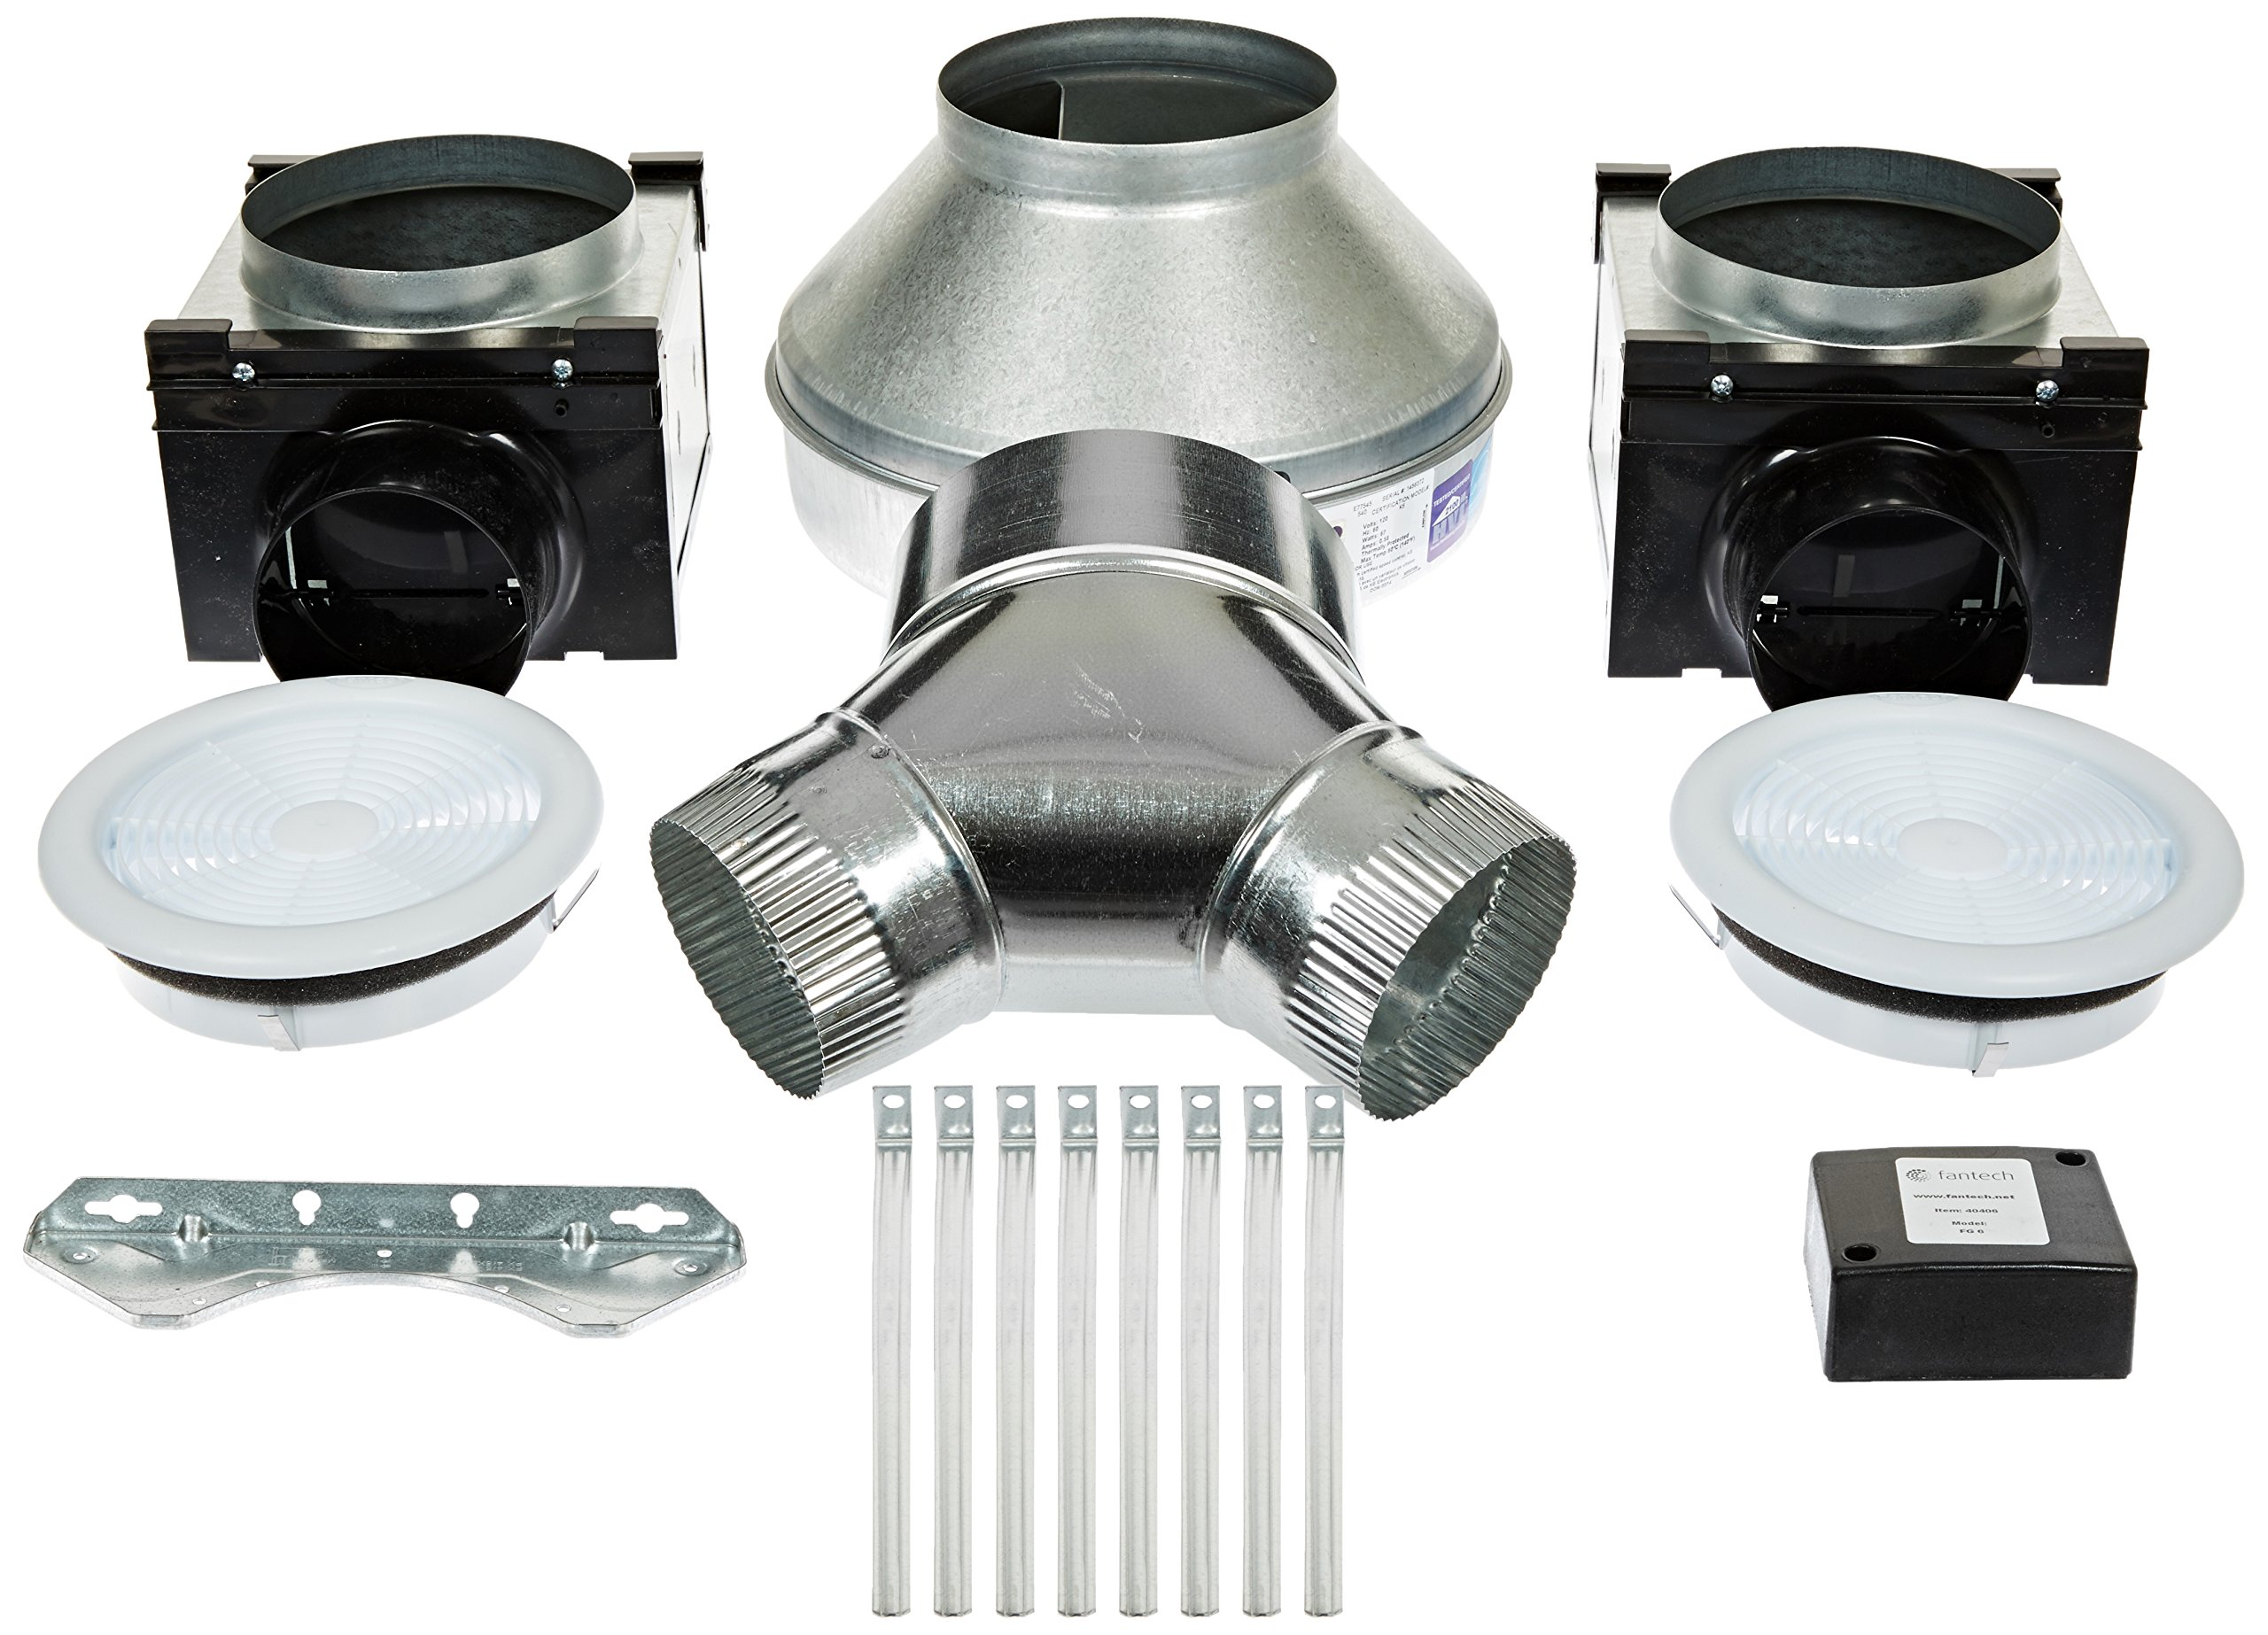 Fantech PB190 Series Small 7'' Grille Width 12, Height 11, Depth 23, USA, Inline Bath Fan Kit, Low Noise (Low Sone), 190 CFM, Remote mount fan, Small 7'' Grille